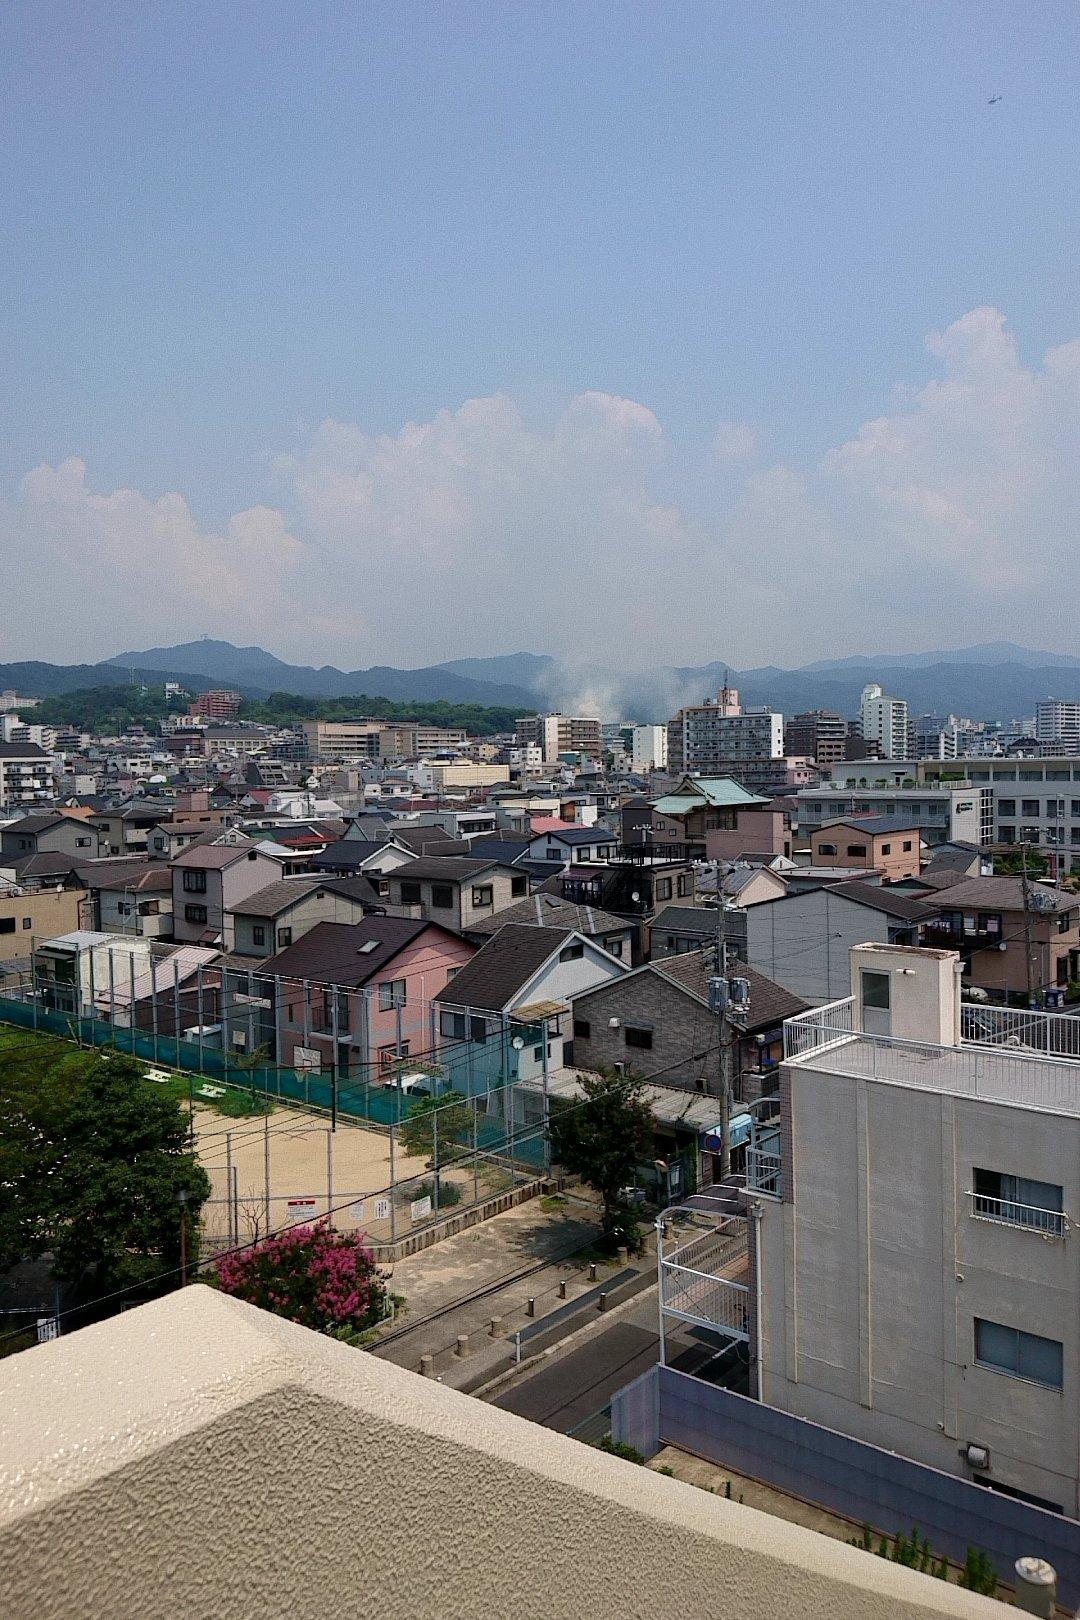 神戸市兵庫区石井町で大量の黒煙を上げる火事が起きている現場画像